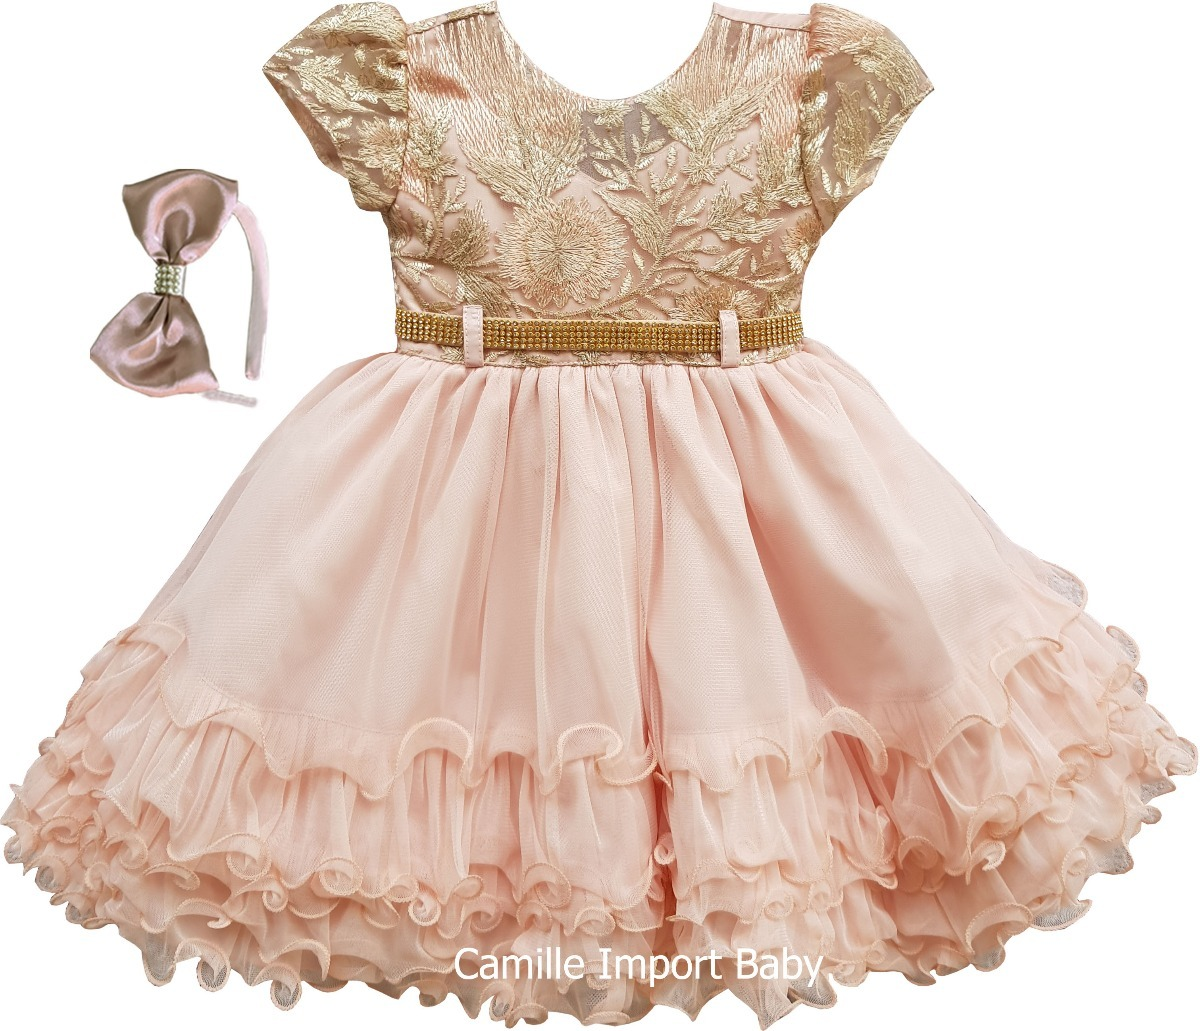 025a7a7123 vestido infantil festa criança princesa laço pronta entrega. Carregando  zoom.